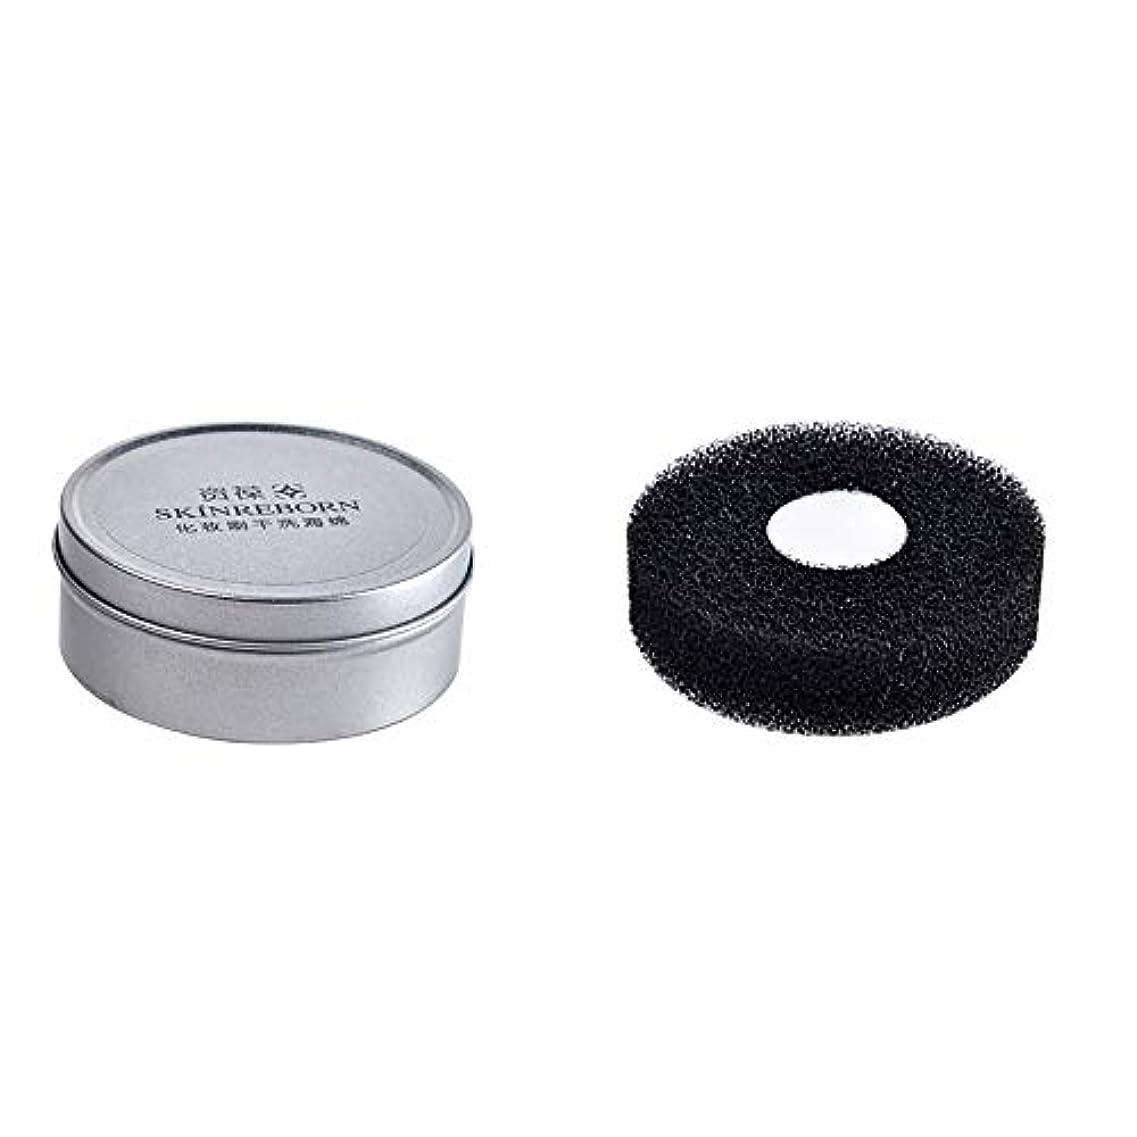 セッションなのでブースメイクブラシ 化粧ブラシ 化粧筆 こすり洗い スポンジ クイックドライ 掃除箱 アーティファクト シャオメイスター